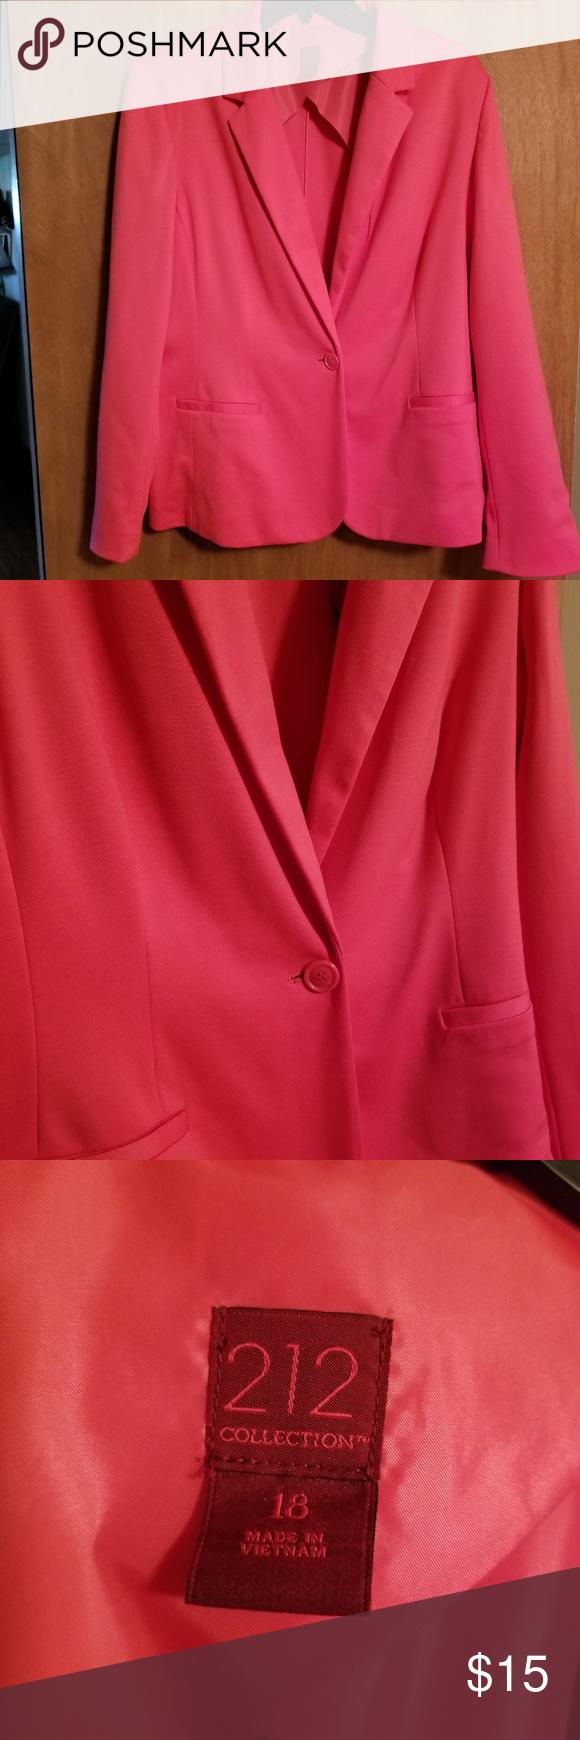 9b5236ee031a4 212 pink blazer jacket nwt size 18 Pink 212 blazer jacket nwt size ...